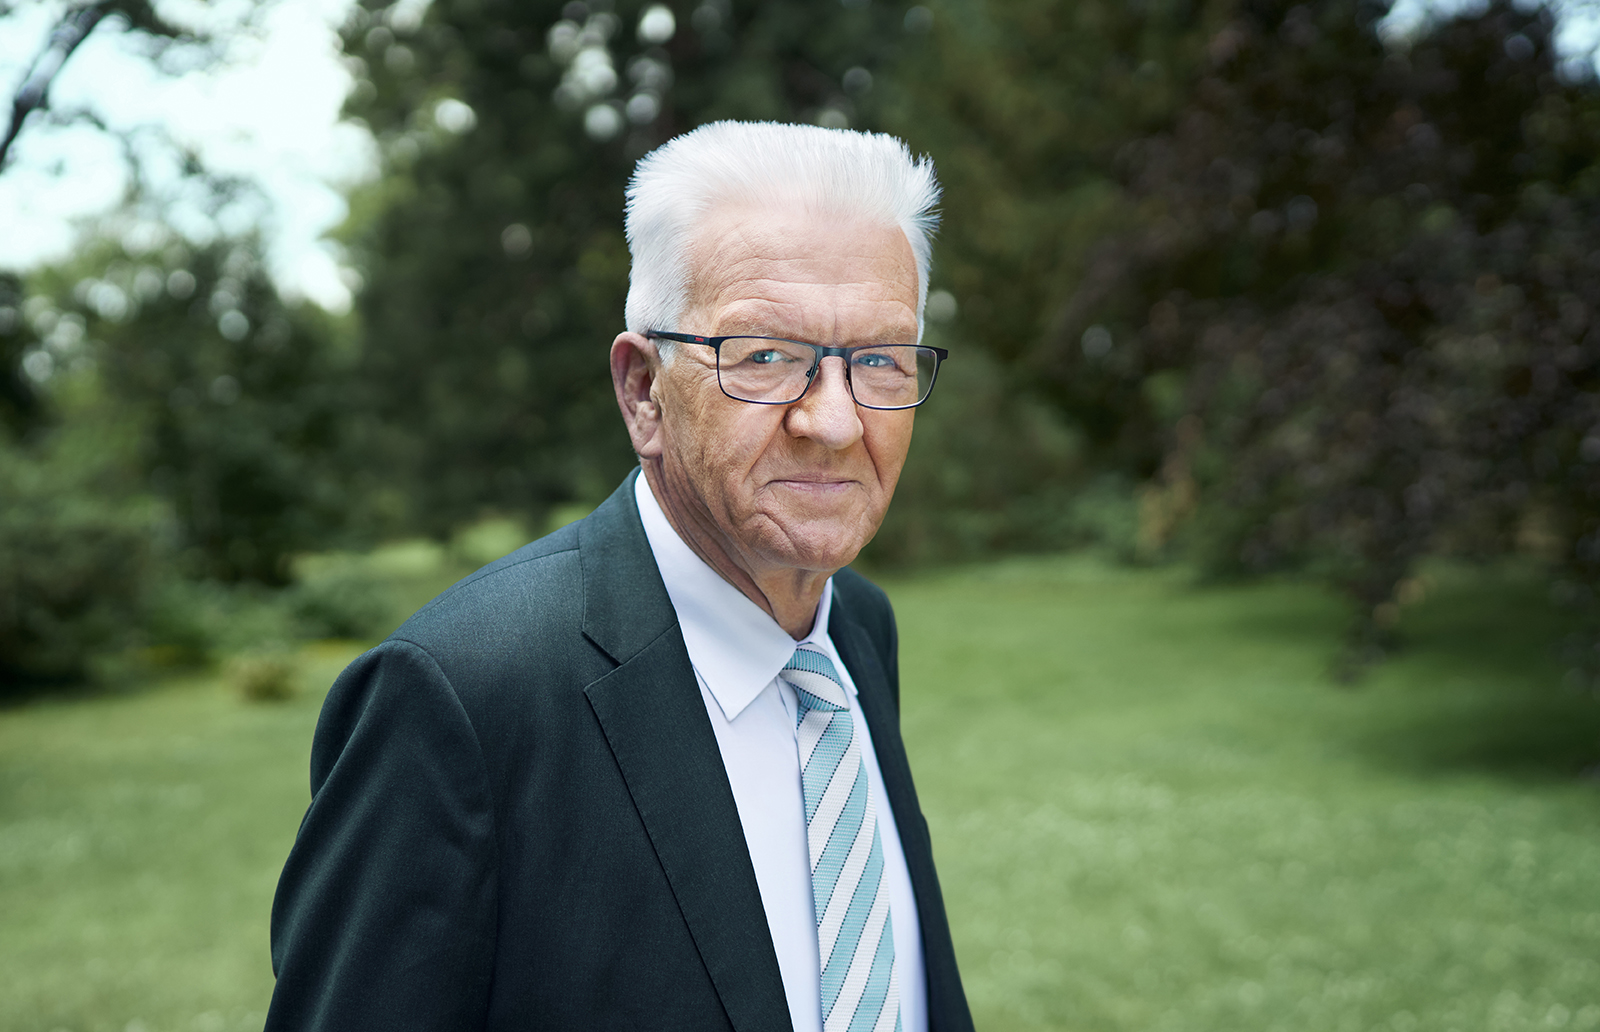 Winfried Kretschmann Bewahren Heisst Verandern